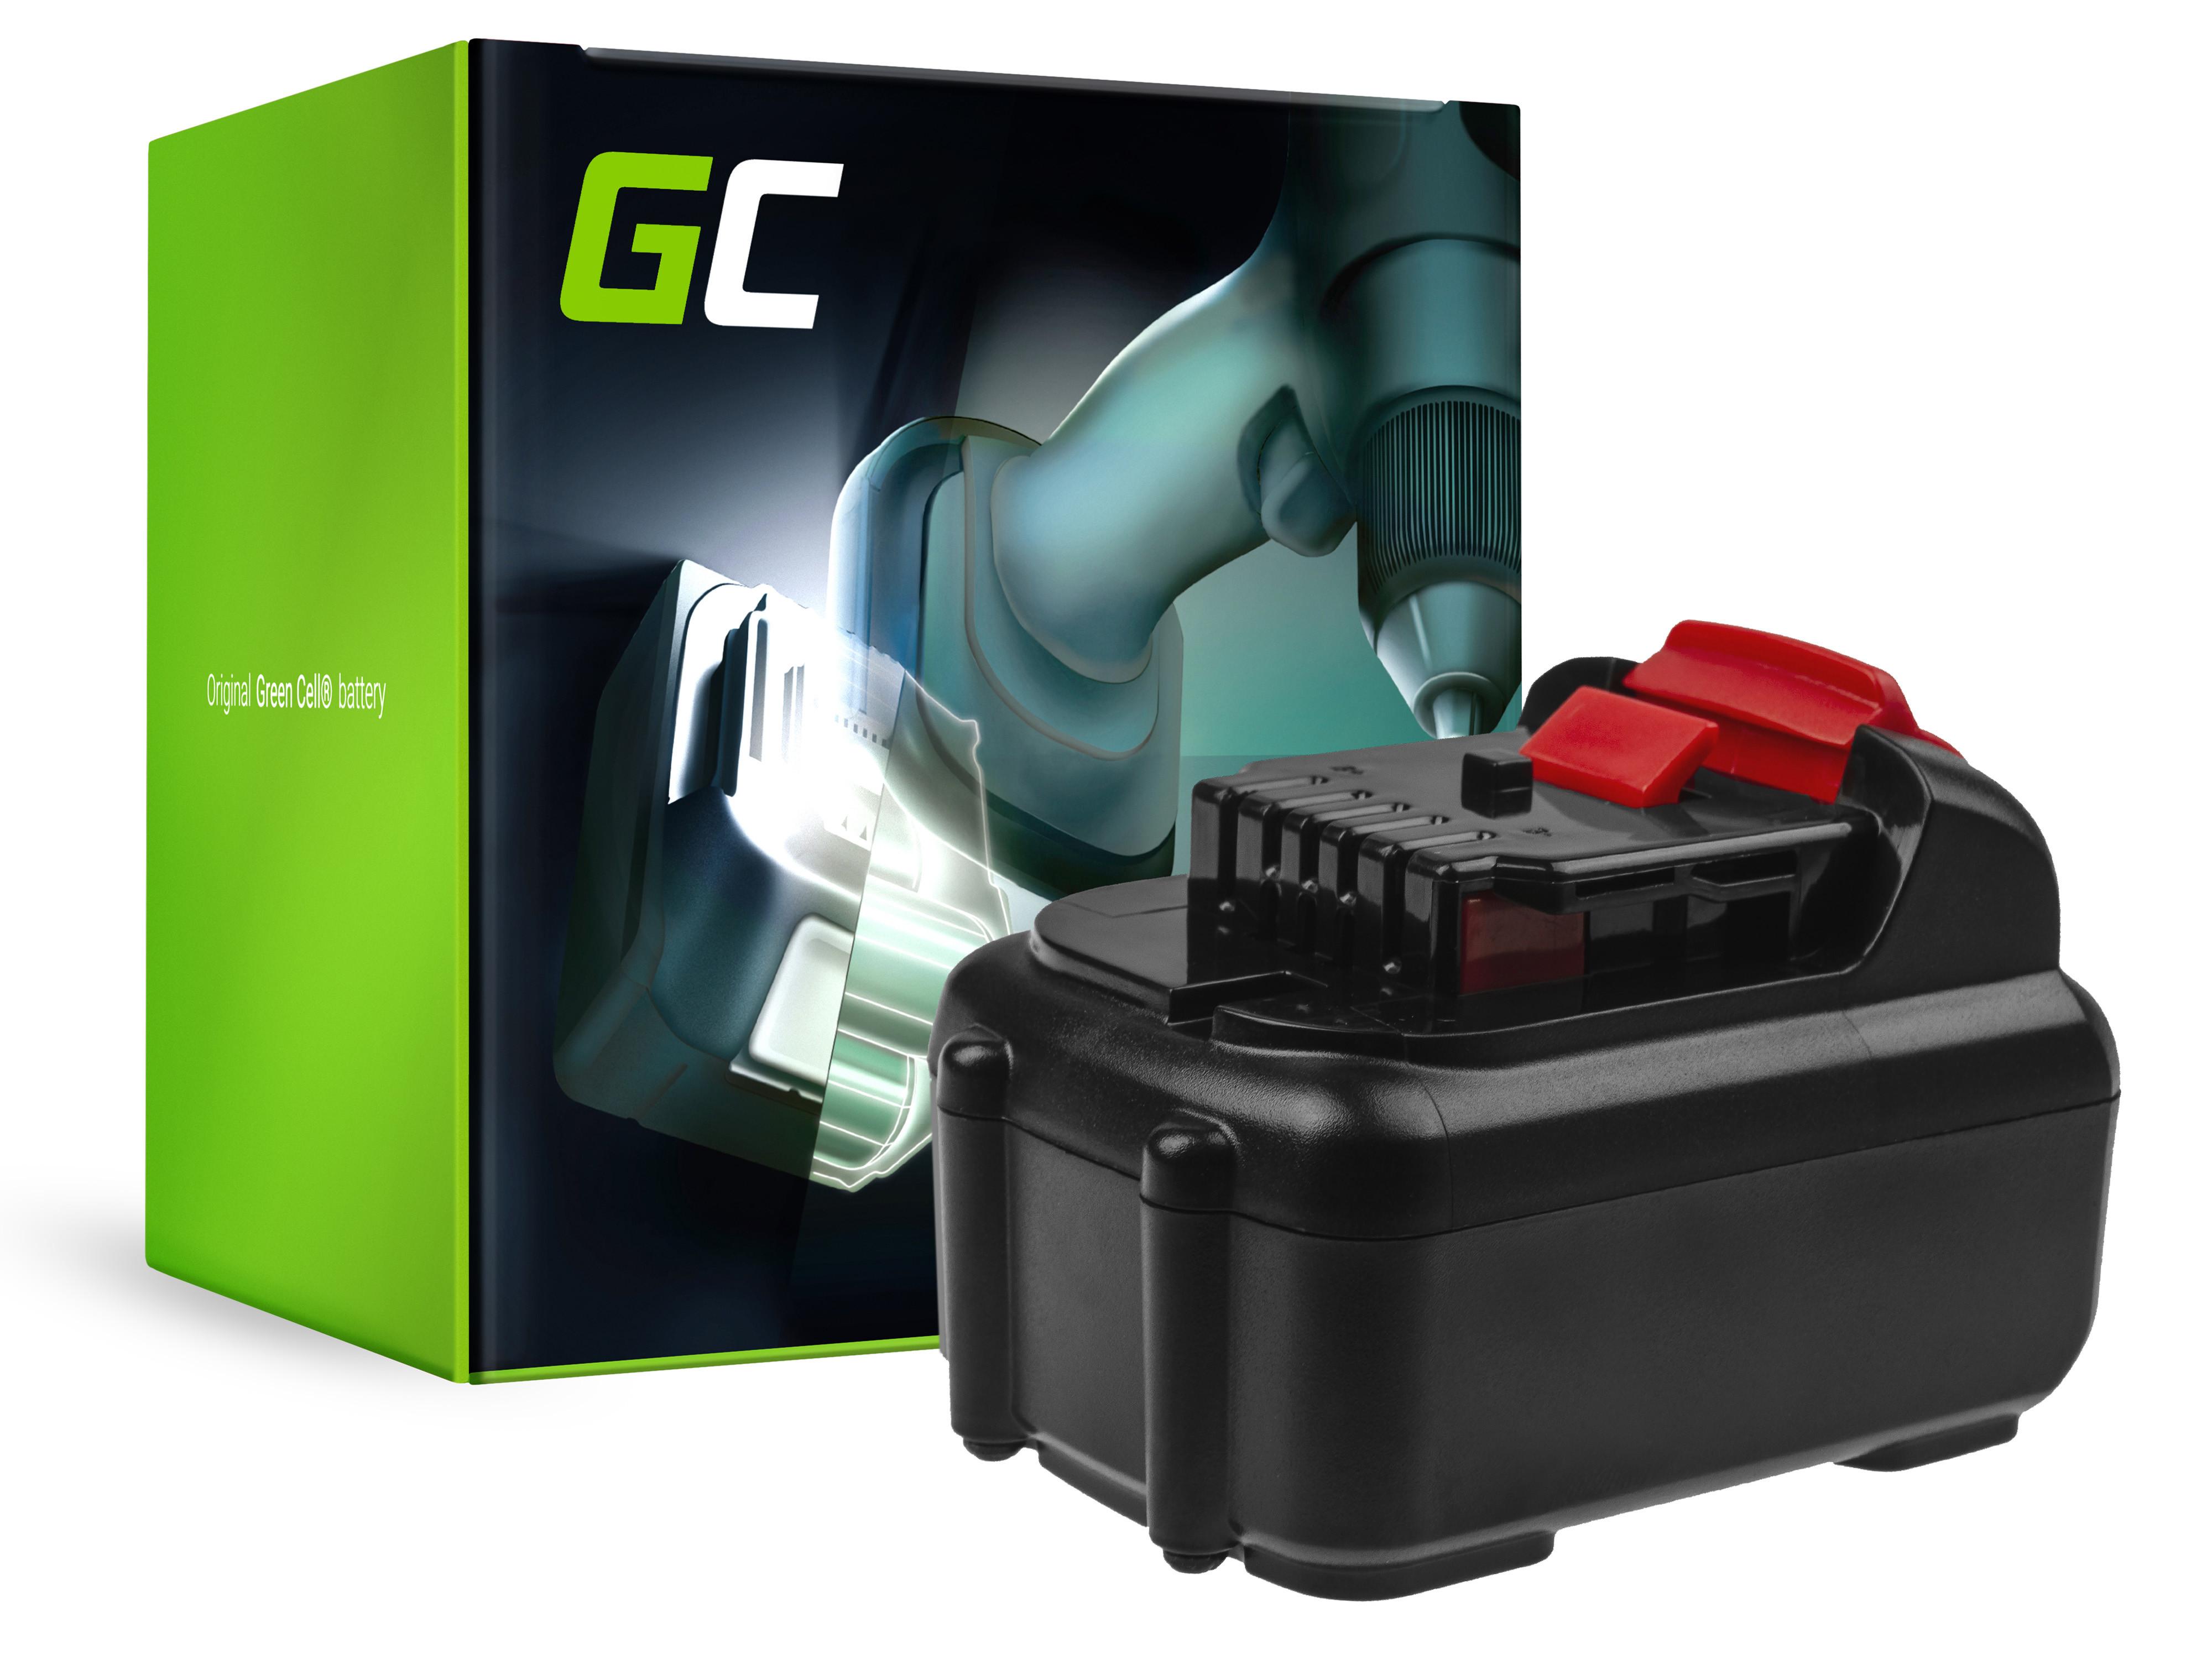 Battery Green Cell (5Ah 10.8V) DCB120 DCB124 DCB121 DCB127 for DeWalt DCD710 DCF815 DCT416 DCF813 DCF813N DCD710N DCF815N